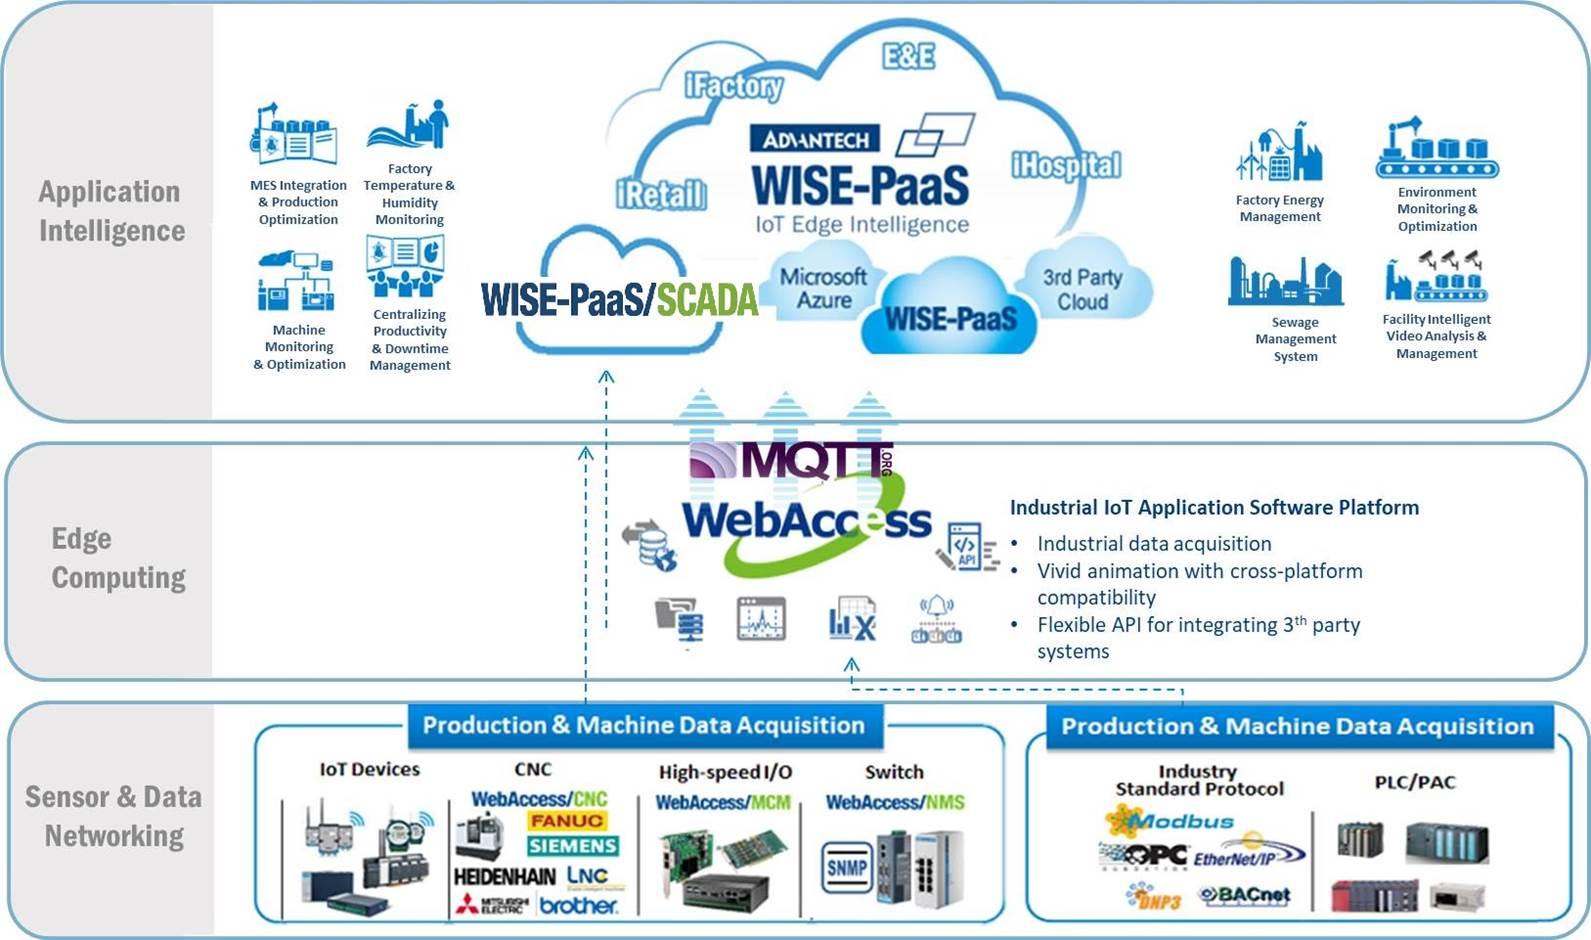 WISE-PaaSScadaArchitecture.jpg